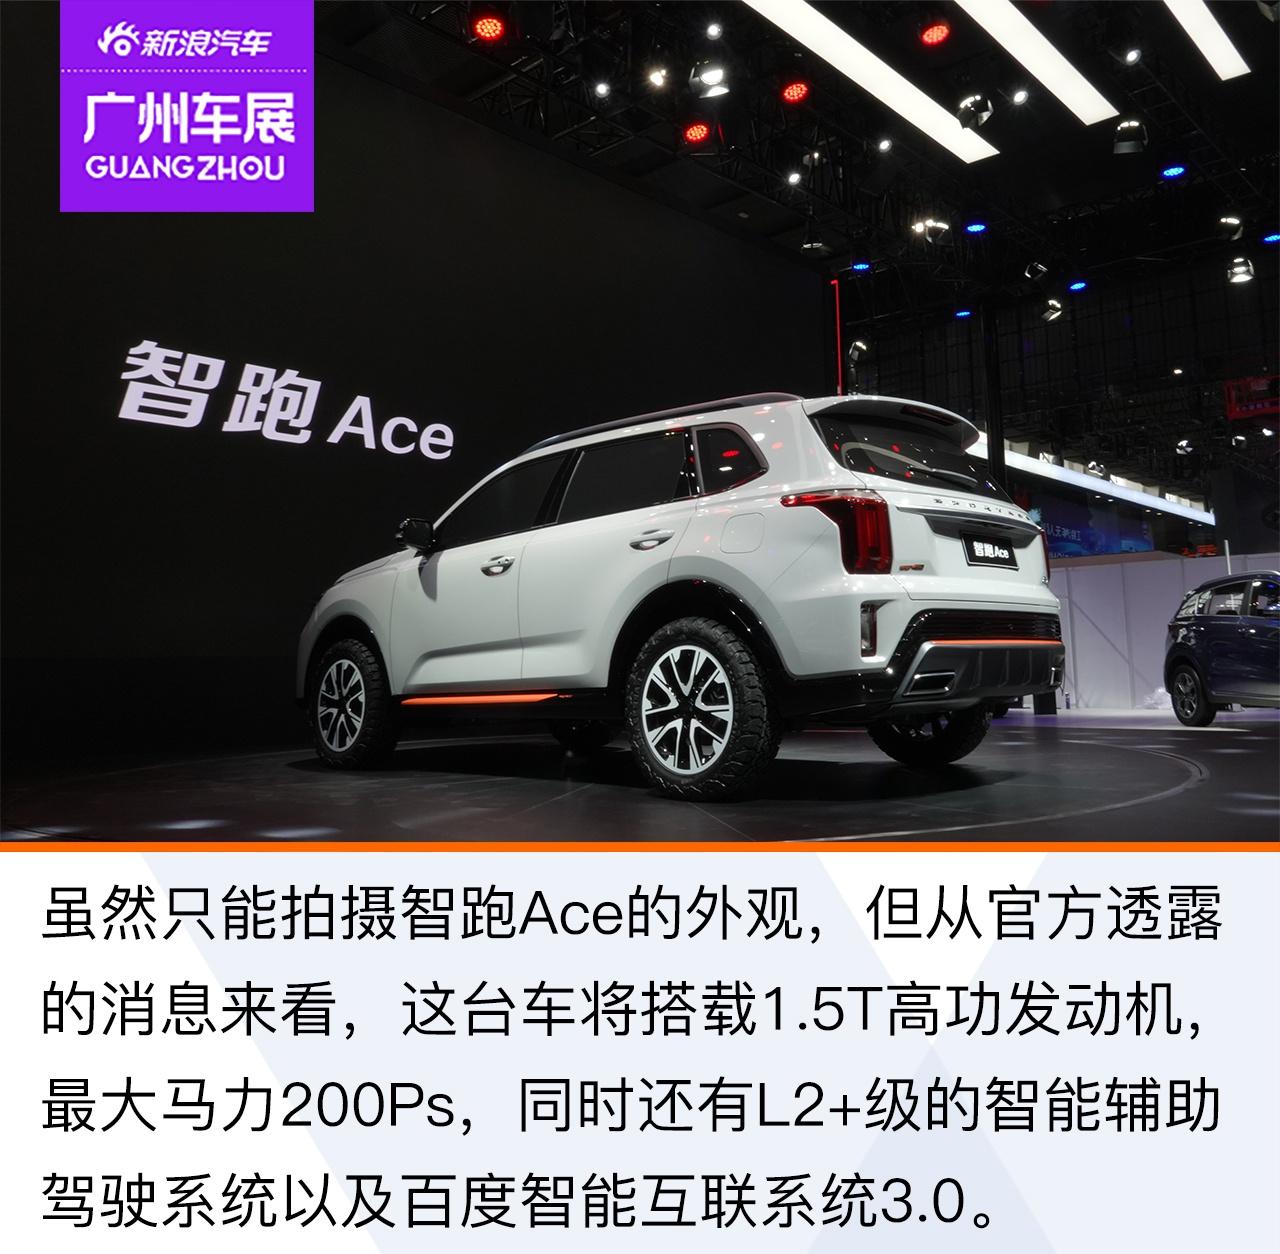 2020广州车展 搭载1.5T高功发动机 解析起亚智跑Ace